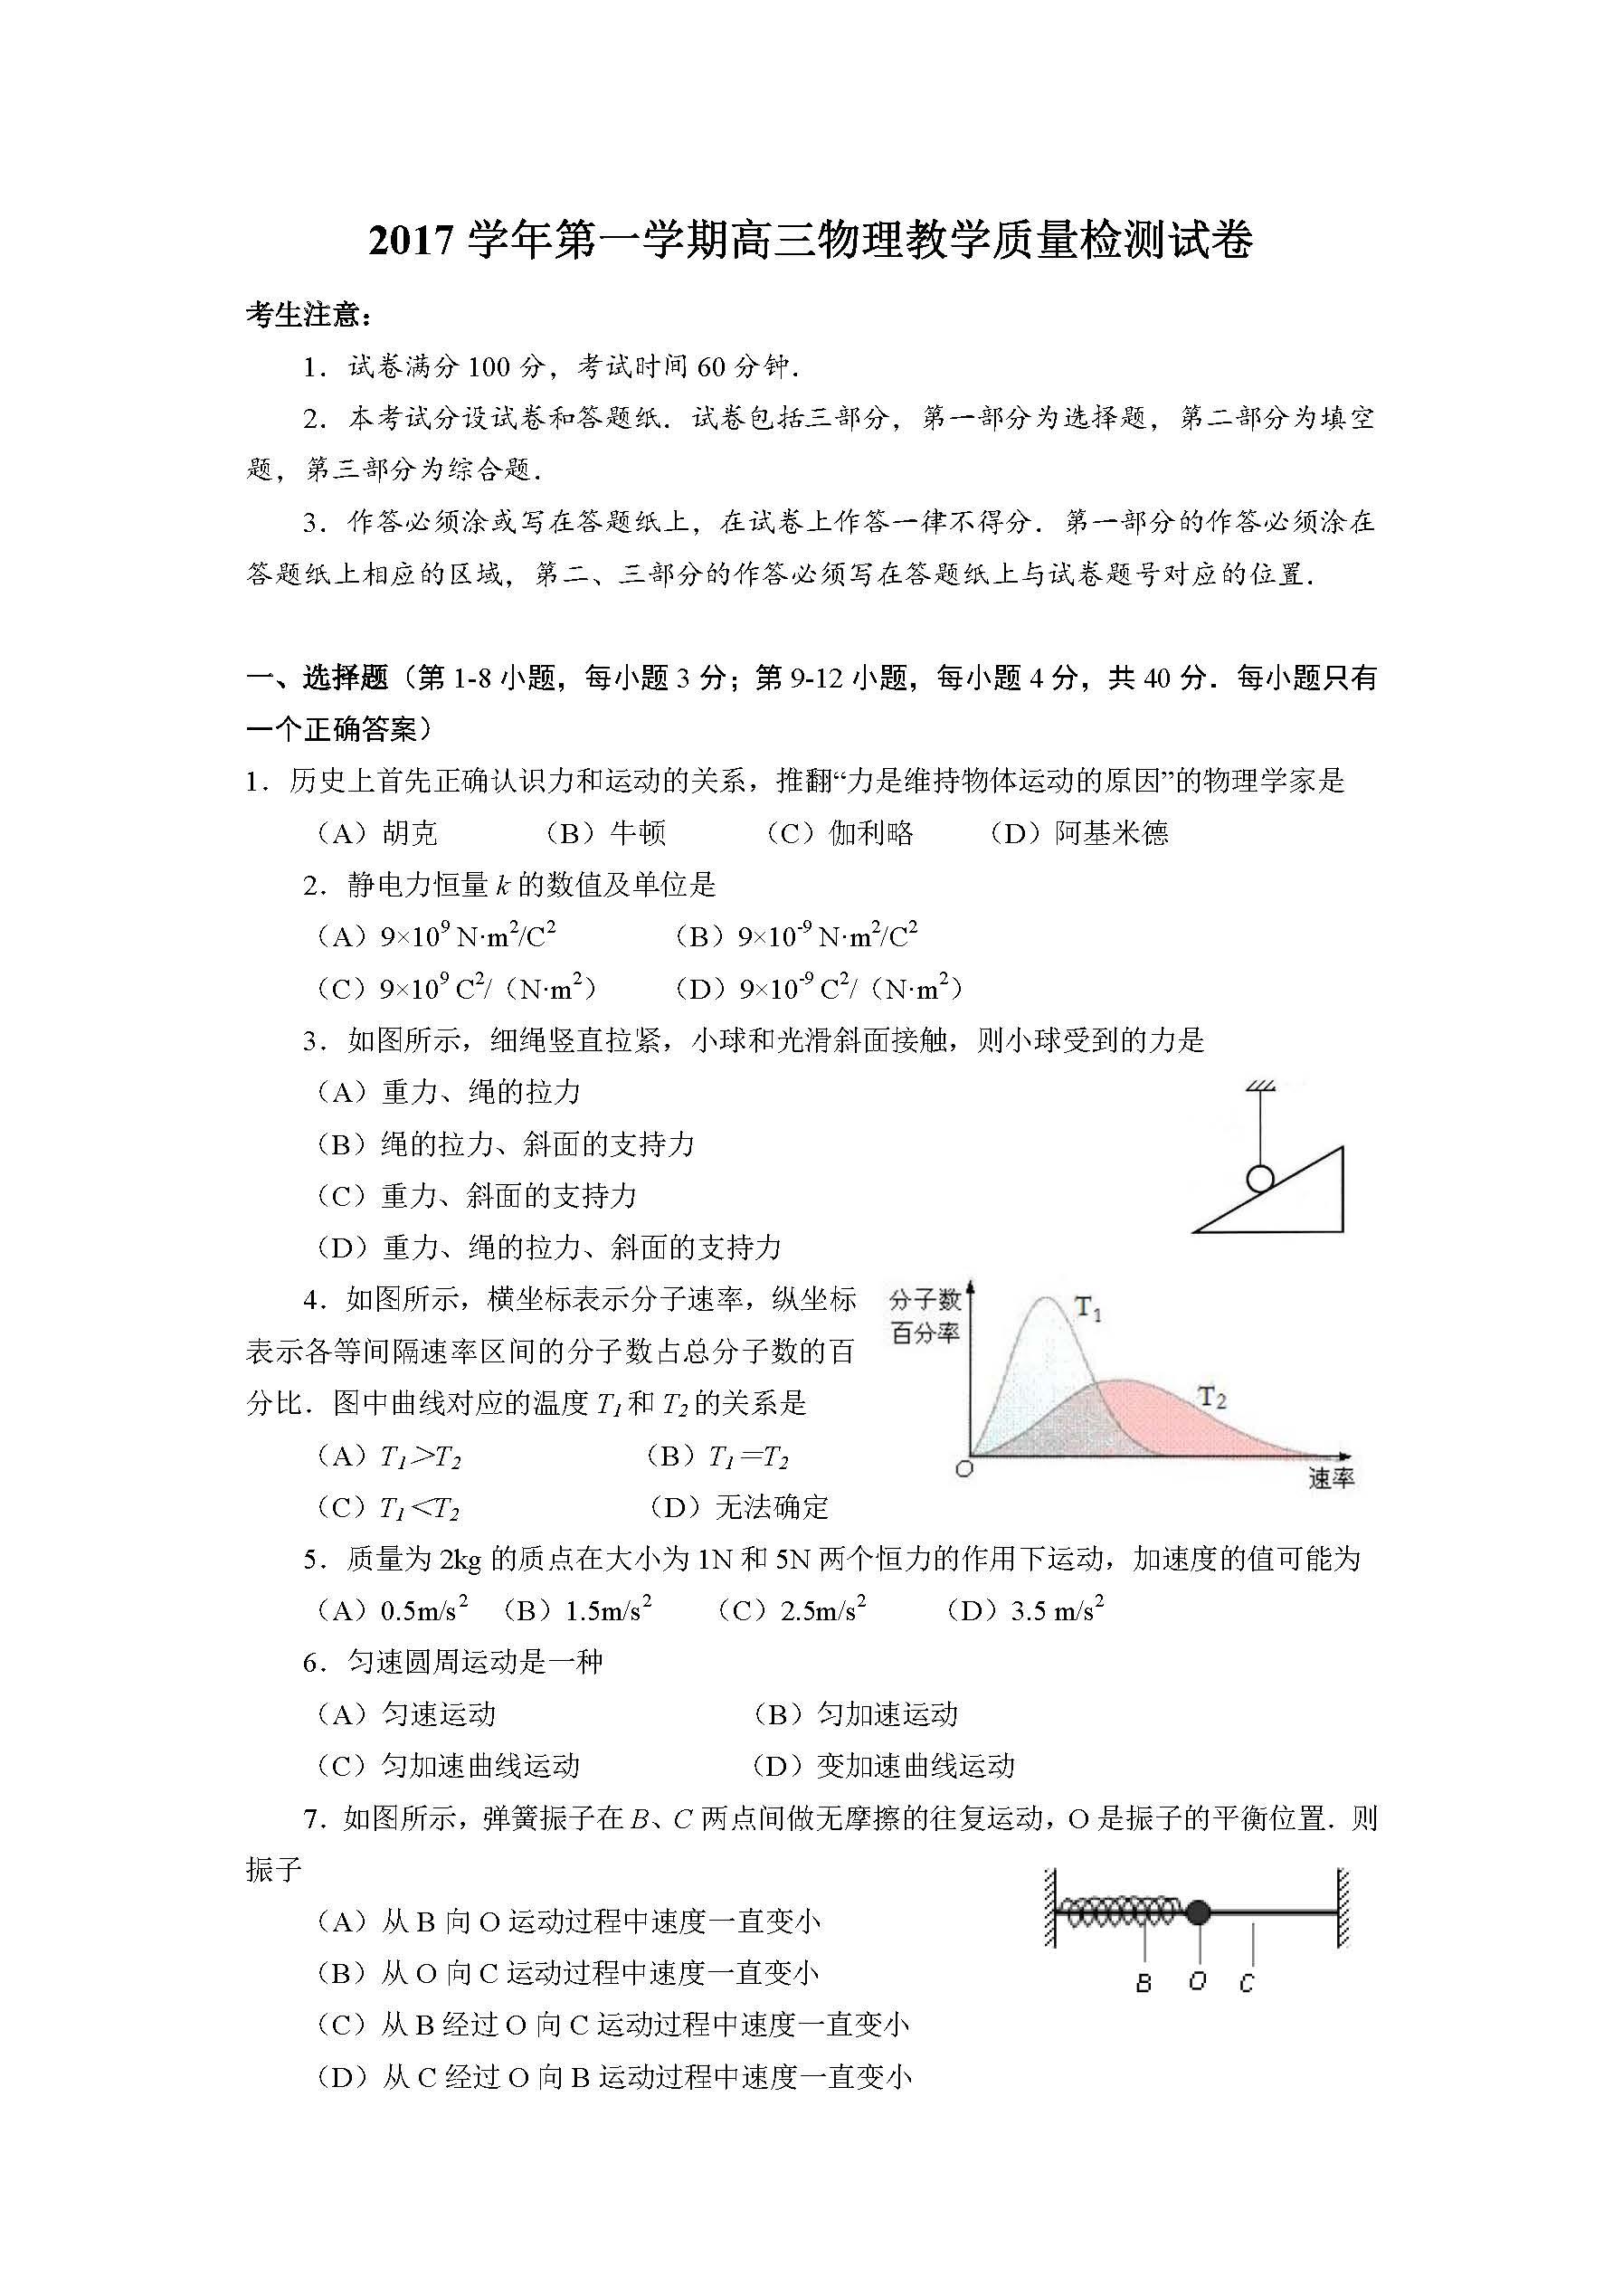 2018上海长宁区高三一模物理试卷及答案